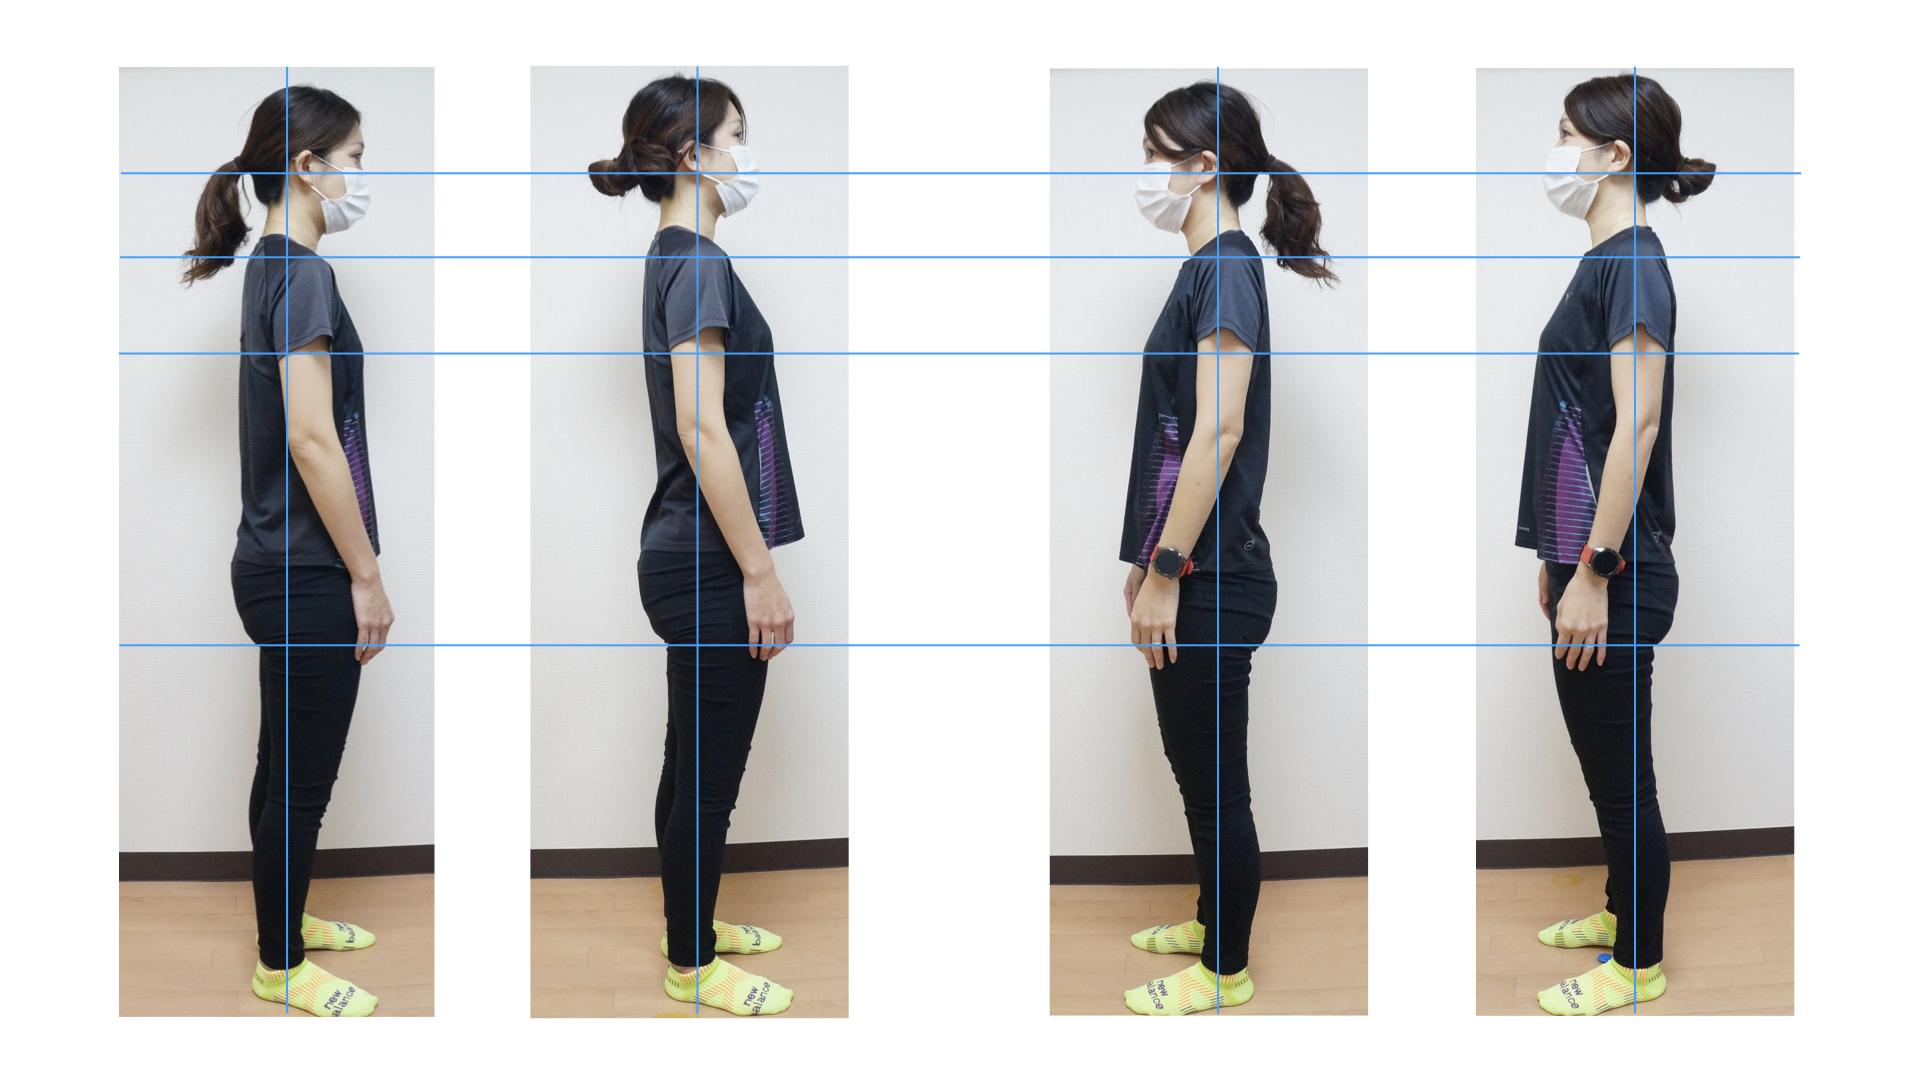 筋膜リリースおよび皮膚への刺激に加えダイナミックストレッチからスタティックストレッチ、PNF実施後の横からの姿勢の状態です。中野パーソナルトレーニングジム